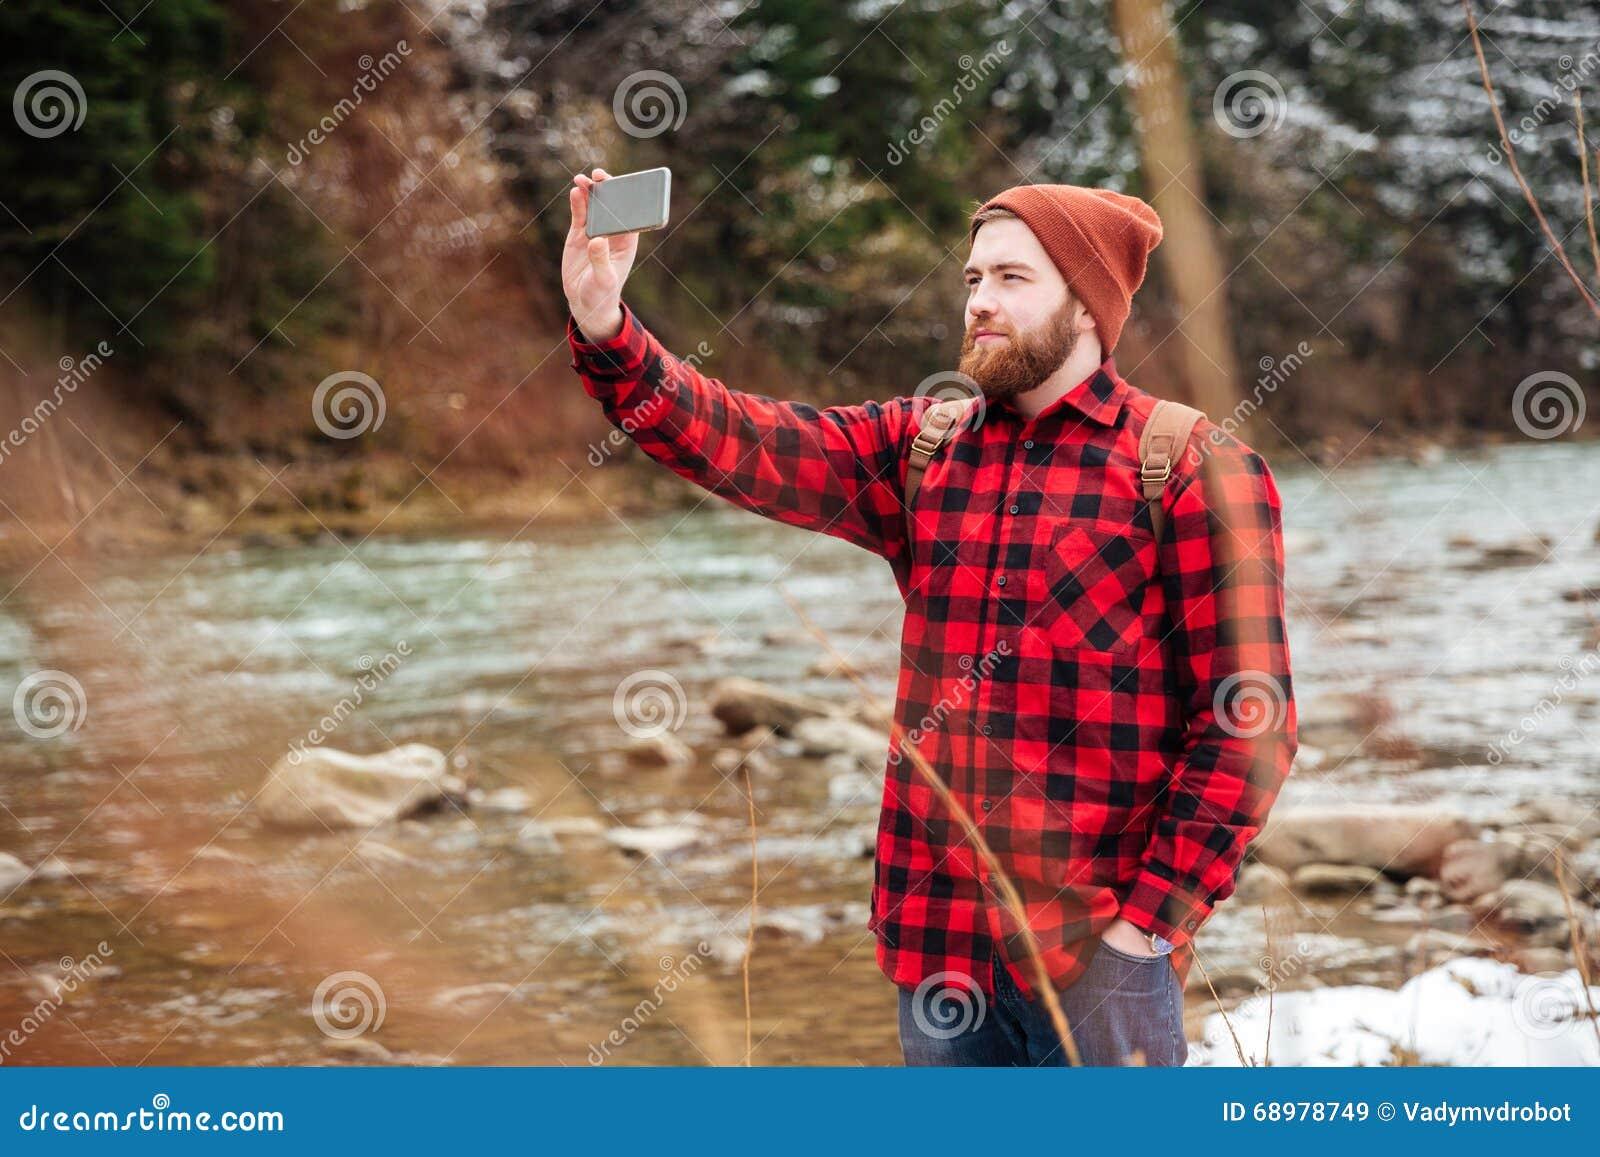 Hombre que hace la foto en smartphone al aire libre